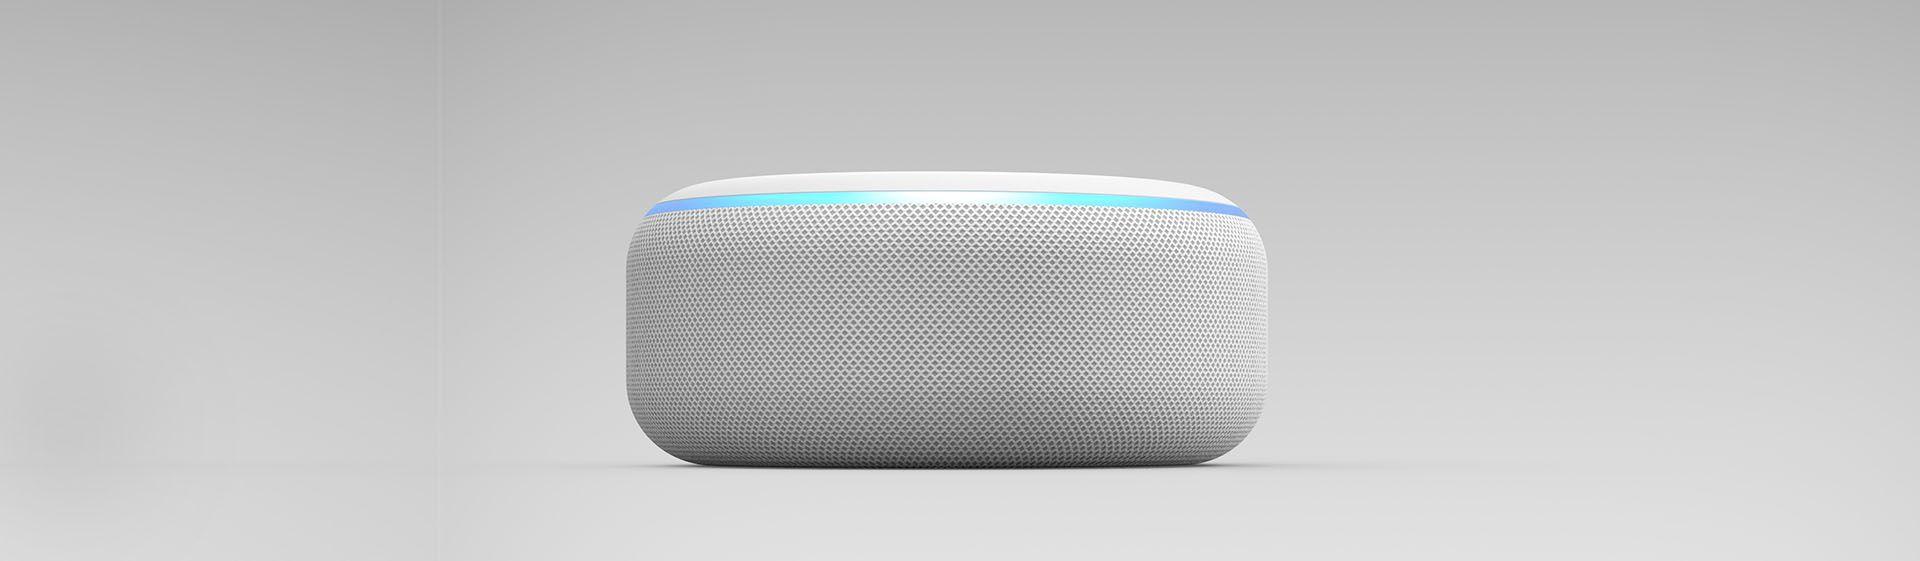 Melhor Smart Speaker 2020: confira 5 opções